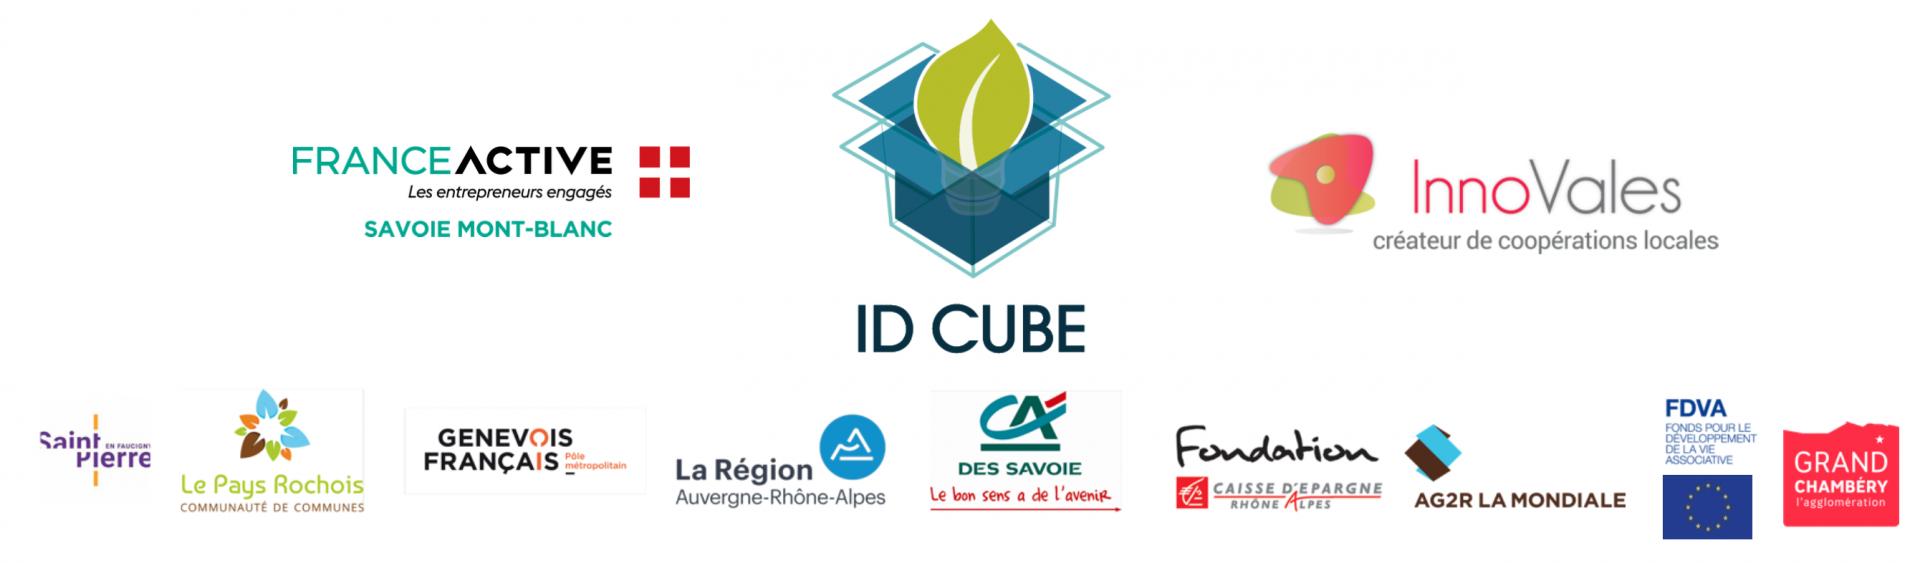 Capture decran 2020 02 24 a 17.13.58 - L'incubateur d'entreprises à fort impact social et environnemental ID CUBE a recruté sa promotion 2020 !